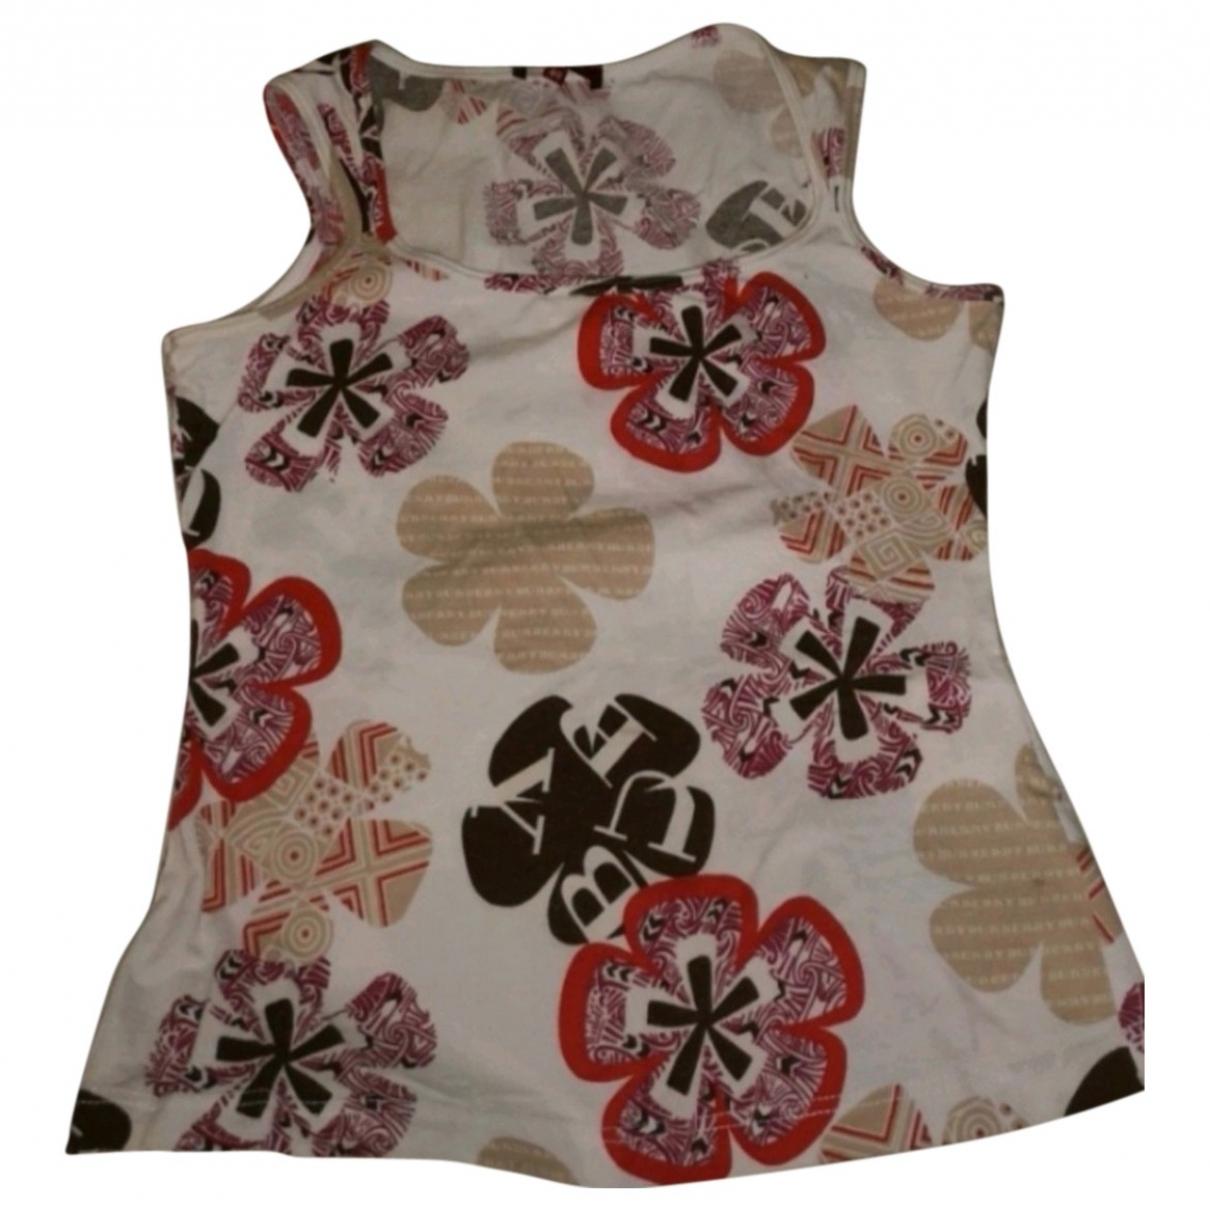 Burberry - Top   pour femme en coton - multicolore